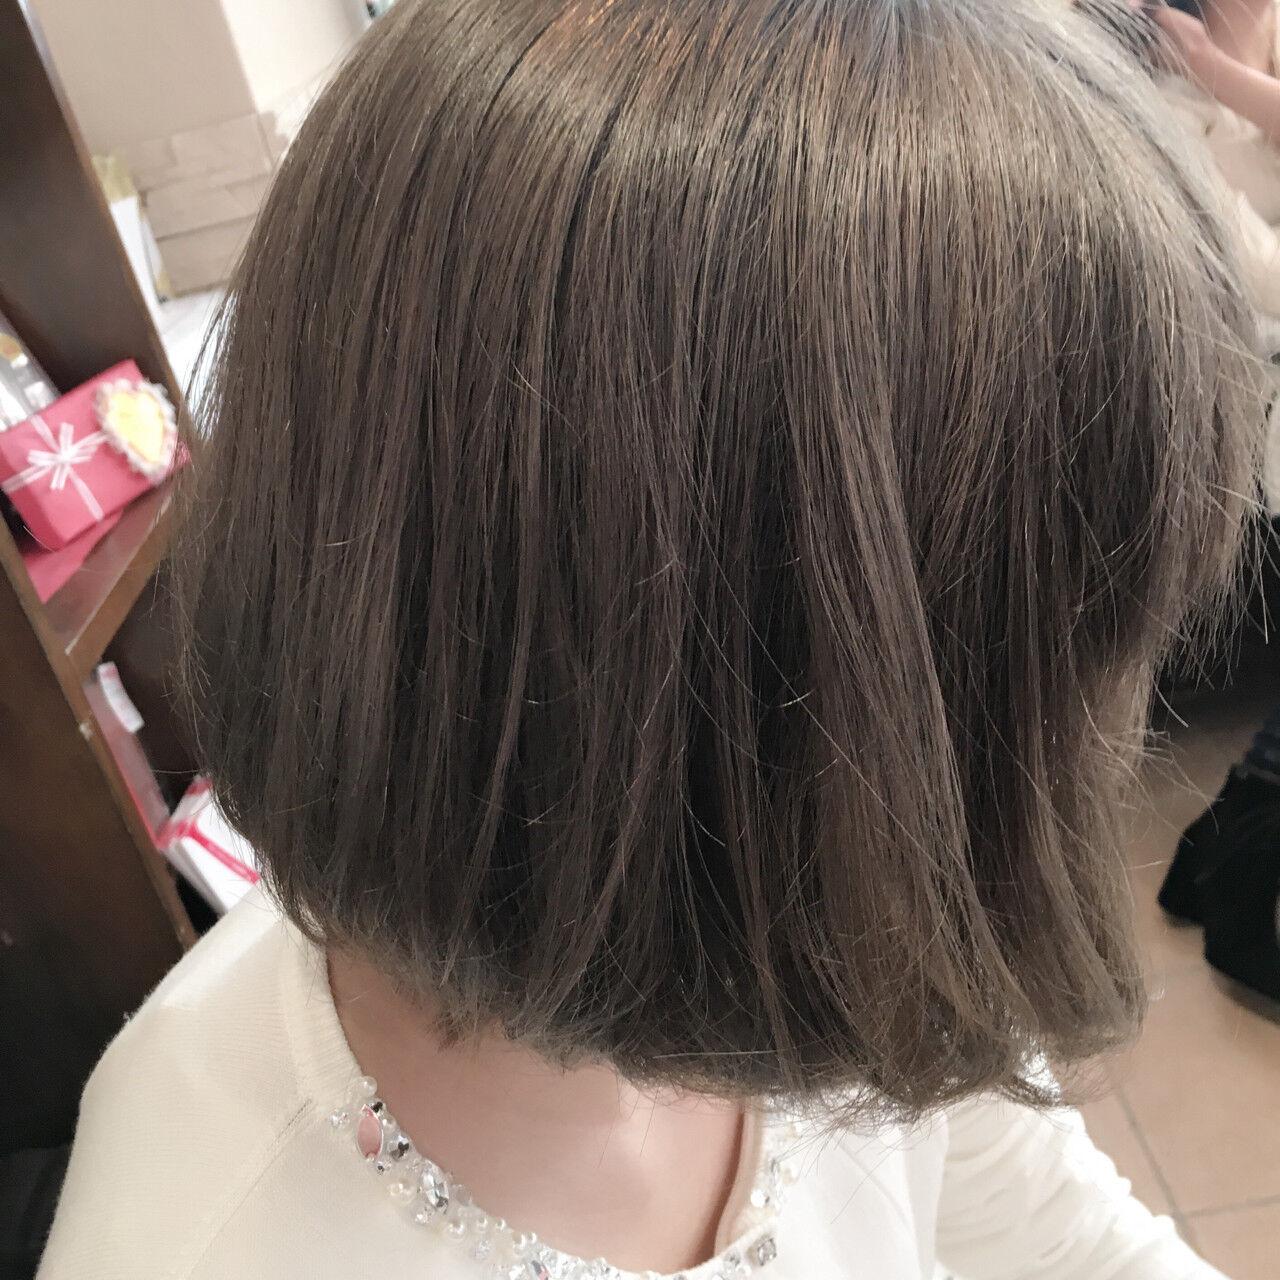 アッシュ 外国人風カラー ボブ アッシュグレーヘアスタイルや髪型の写真・画像